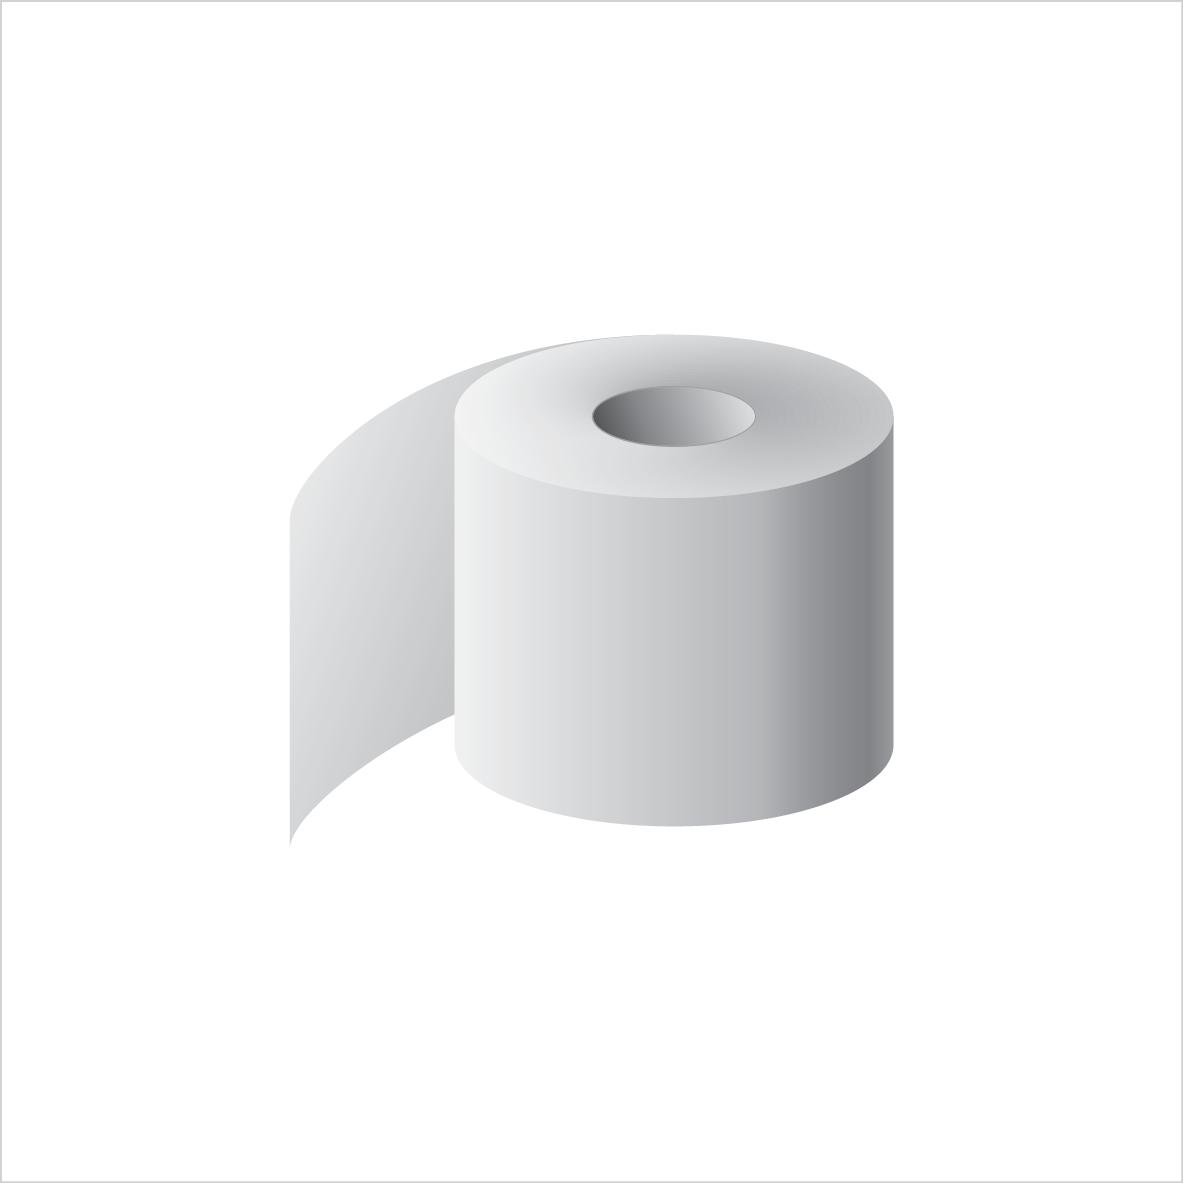 Free Image On Pixabay Toilet Paper Toilet Toilet Paper Toilet Vector Free